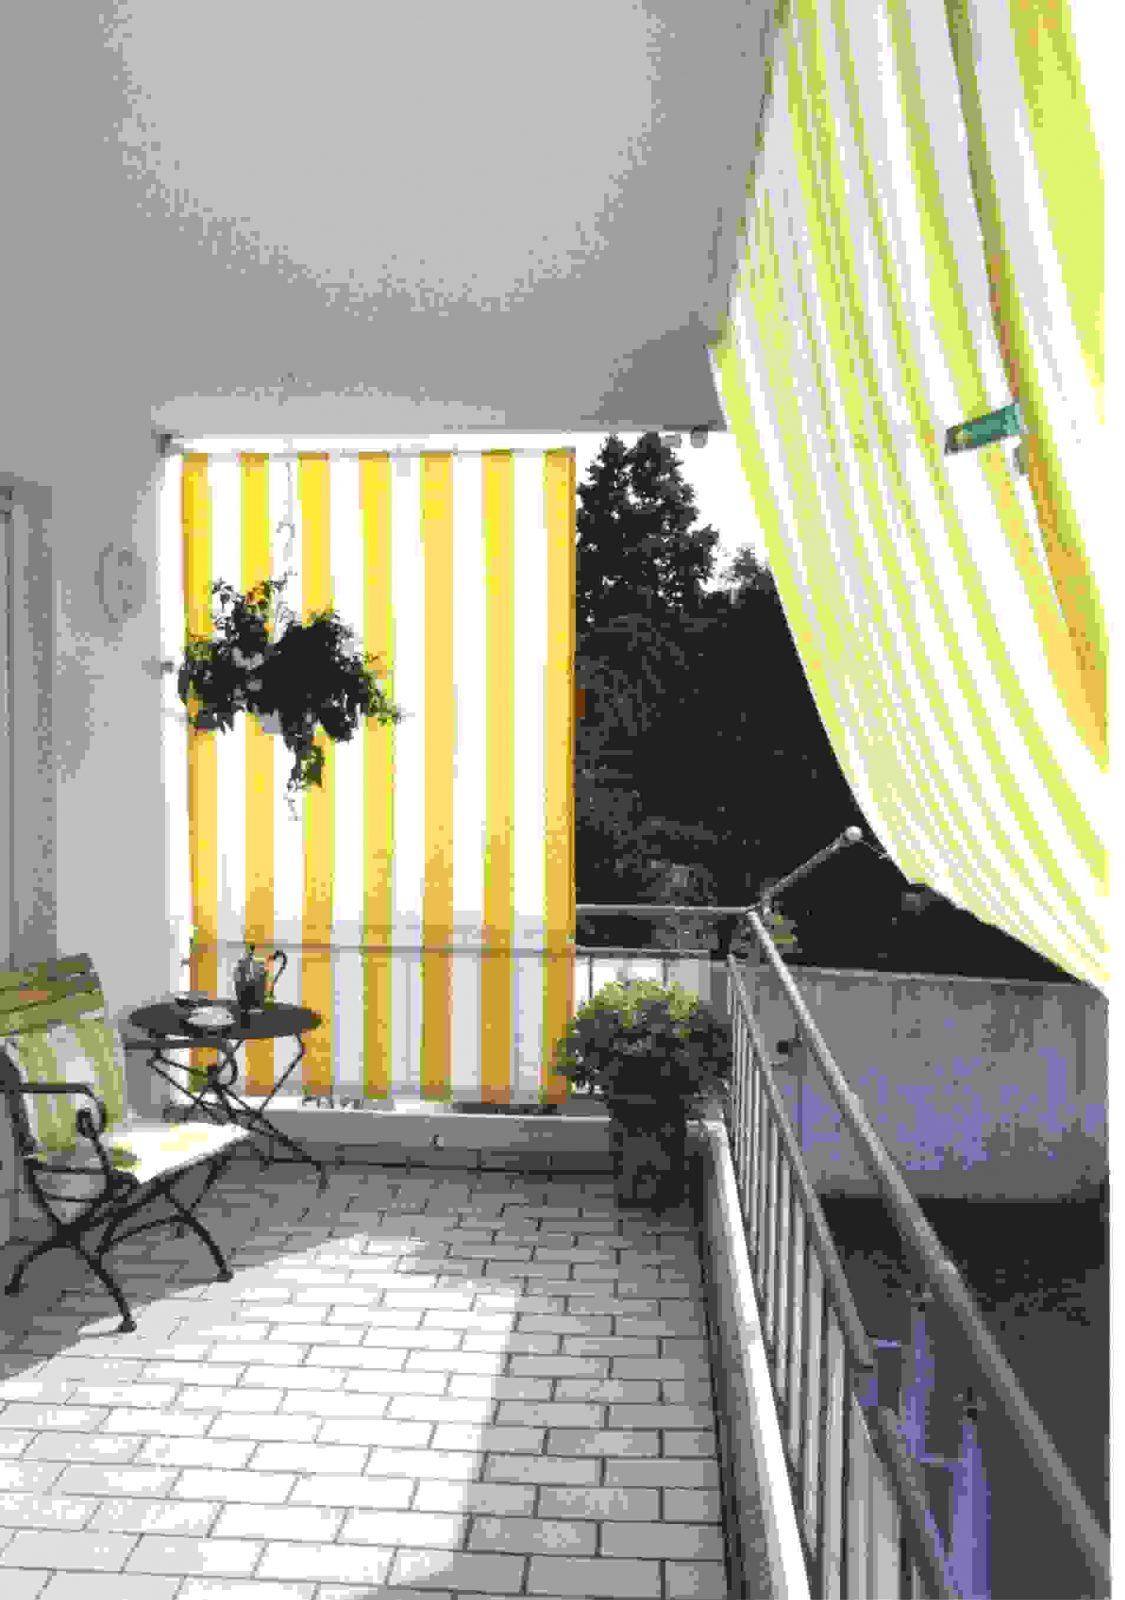 35 Einzigartig Sichtschutz Balkon Seitlich Ohne Bohren Schema von Balkon Sichtschutz Seitlich Ohne Bohren Bild